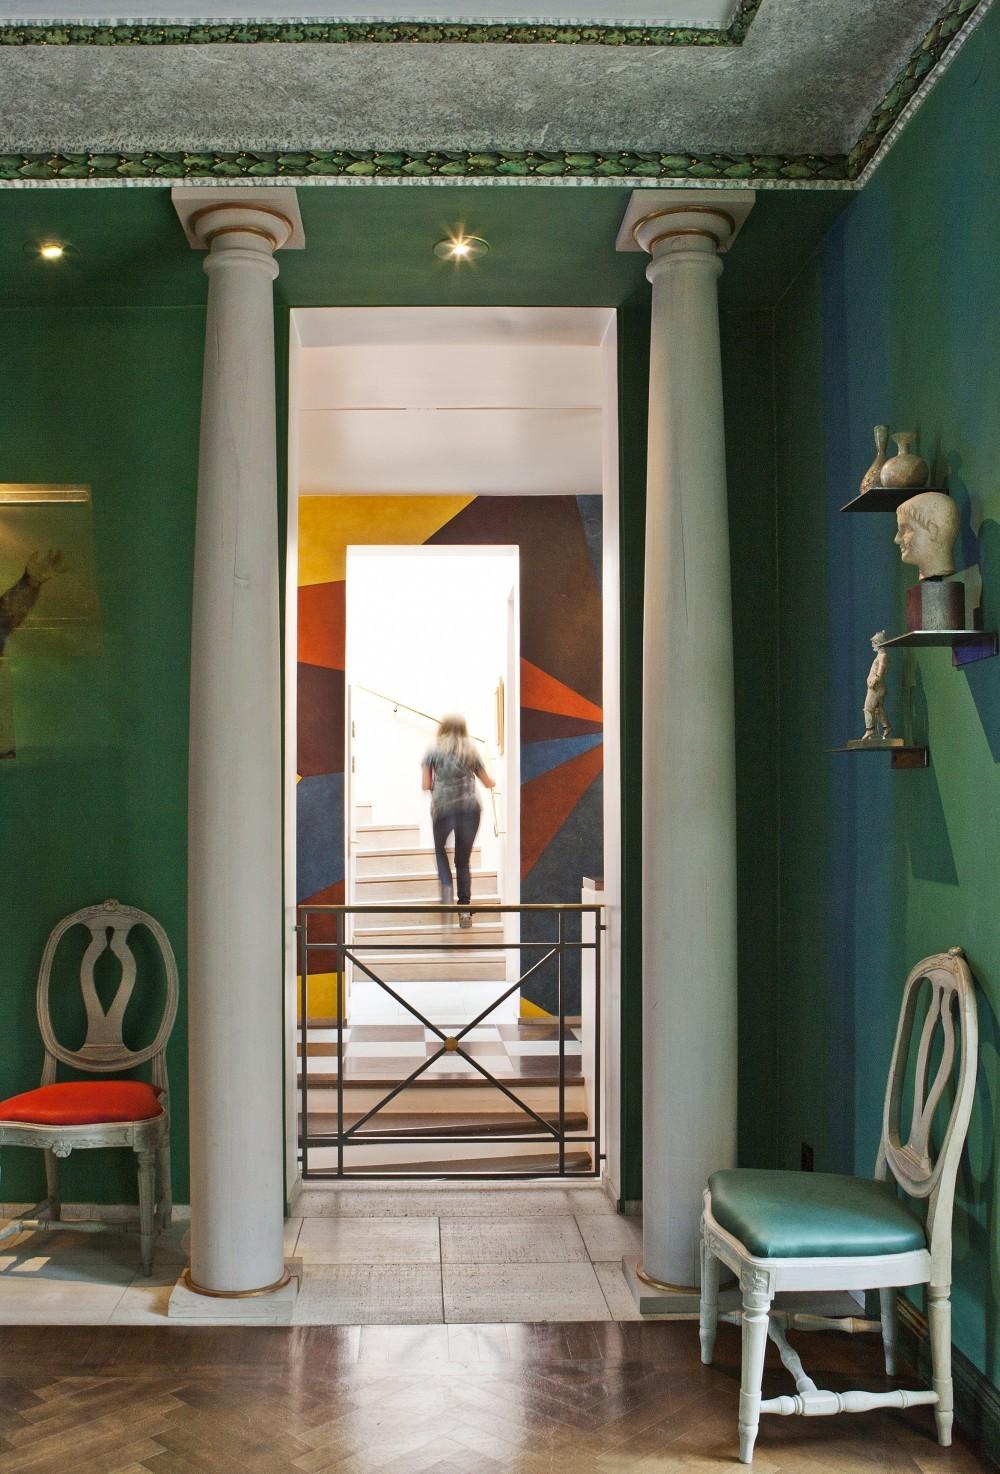 Durch die von ionischen Säulen aus Massivholz flankierte Wandöffnung strahlt die bunte Wandfarbe der Halle bis ins Esszimmer